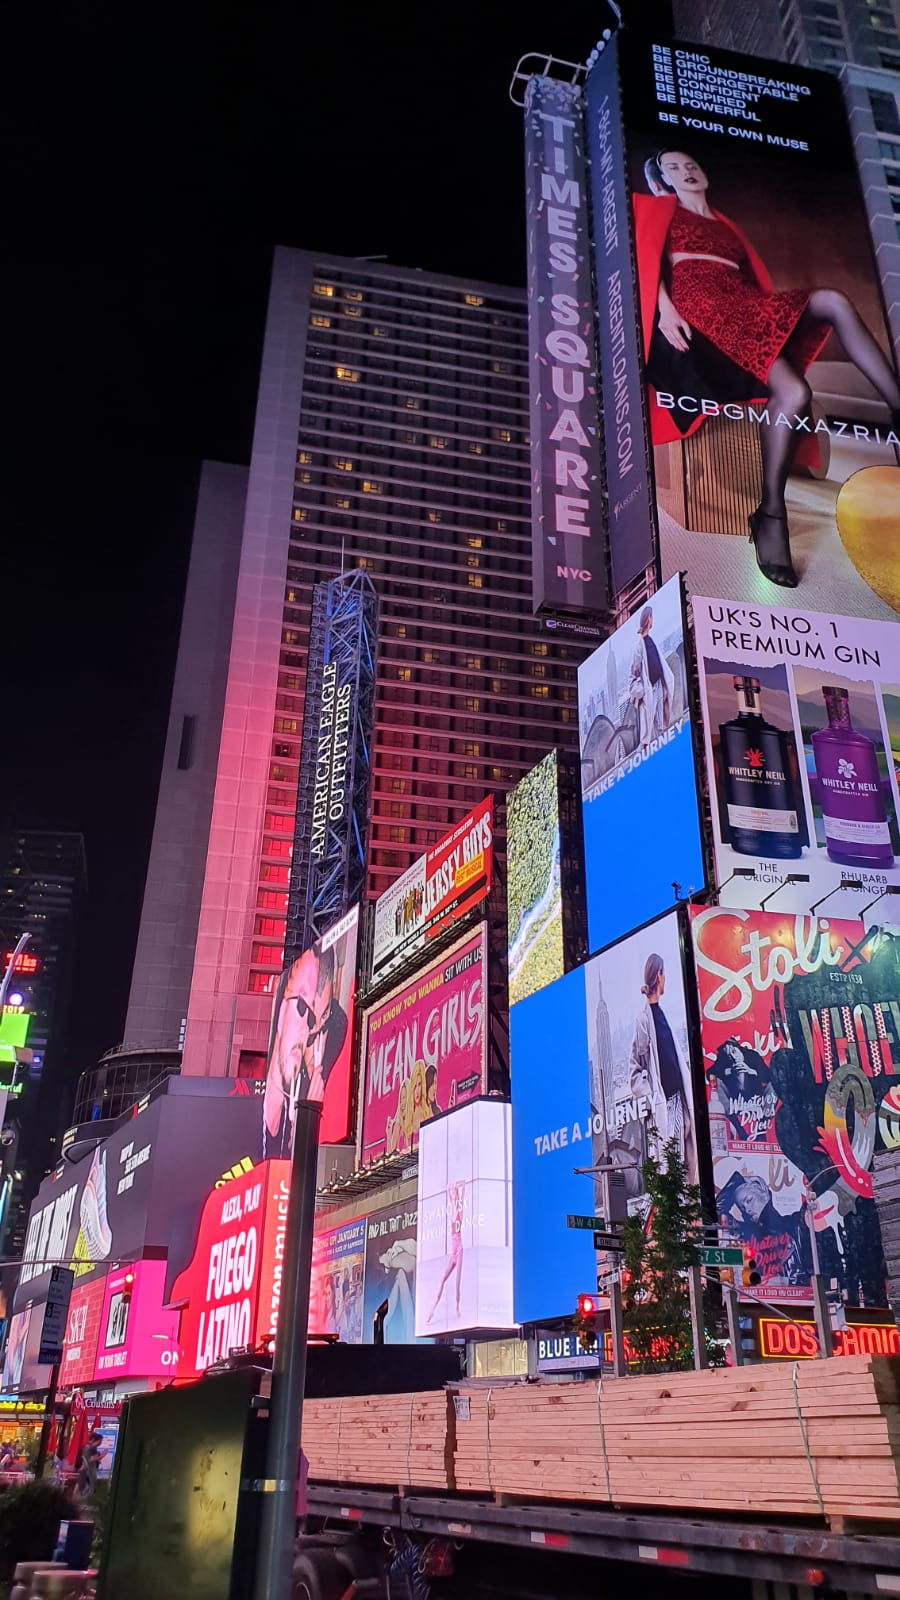 الصورة: هذه هي الطريقة التي تلتقط بها سامسونج الجديدة الصور Galaxy Note10 +! + الصور الليلية والفيديو 22